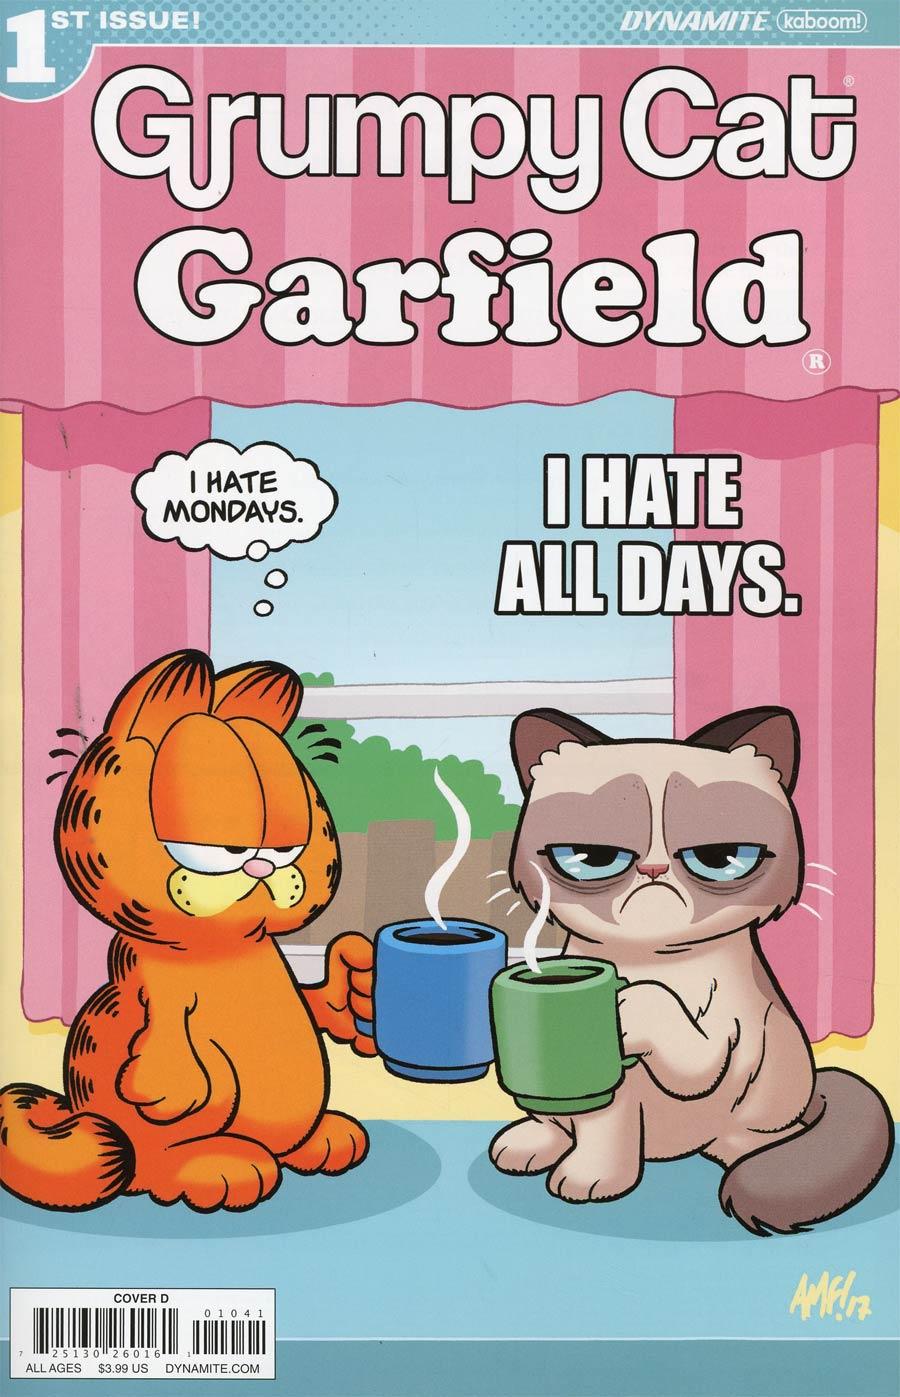 Grumpy Cat Garfield #1 Cover D Variant Tony Fleecs Cover